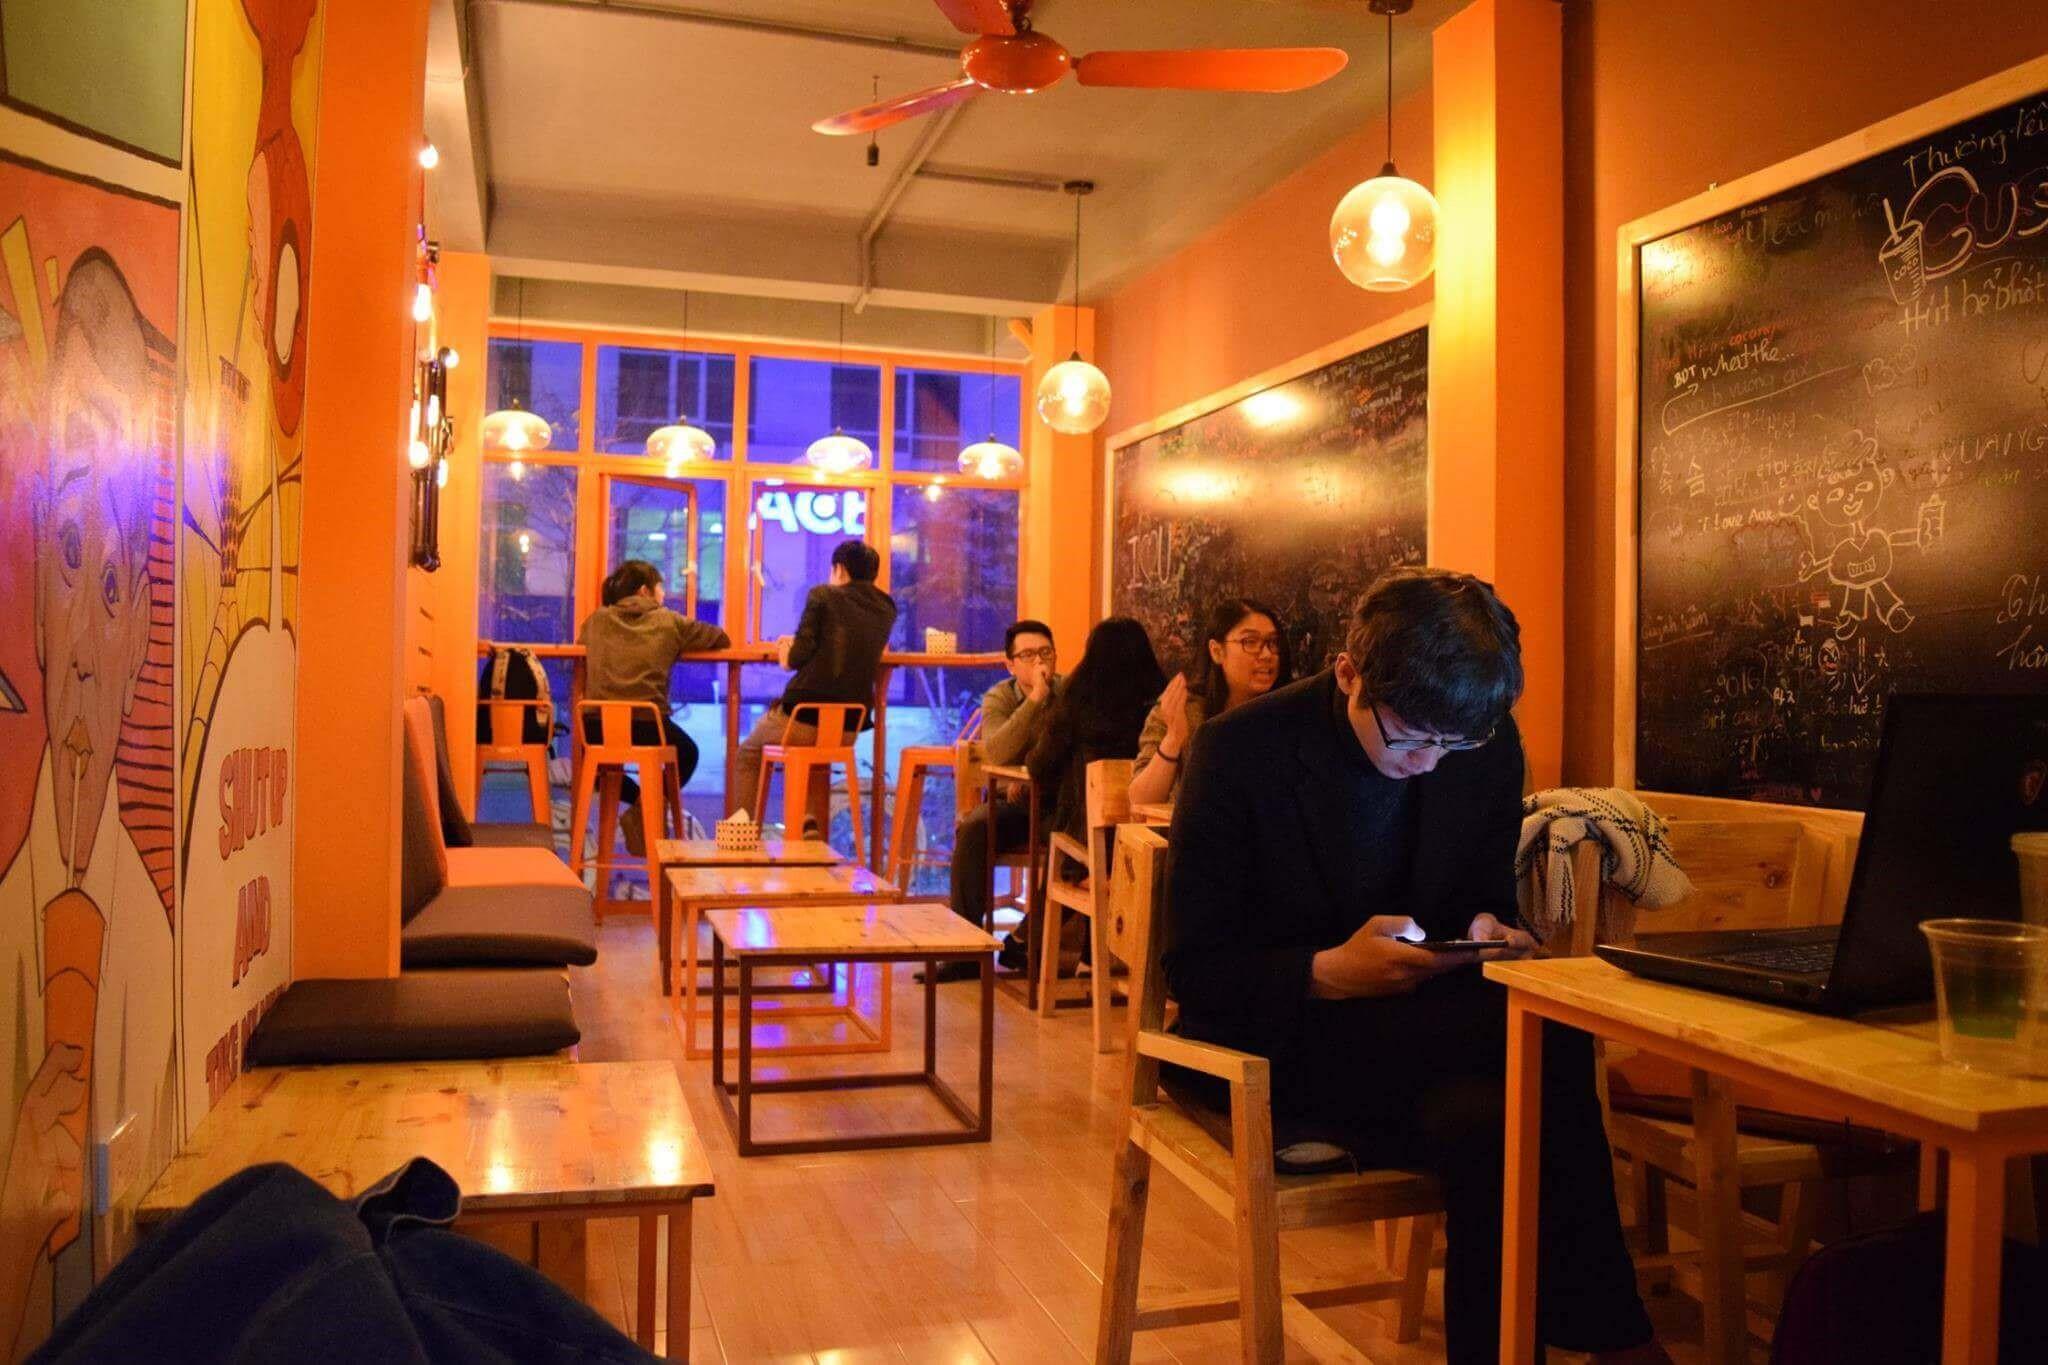 Thiết kế tiệm trà sữa với không gian màu cam